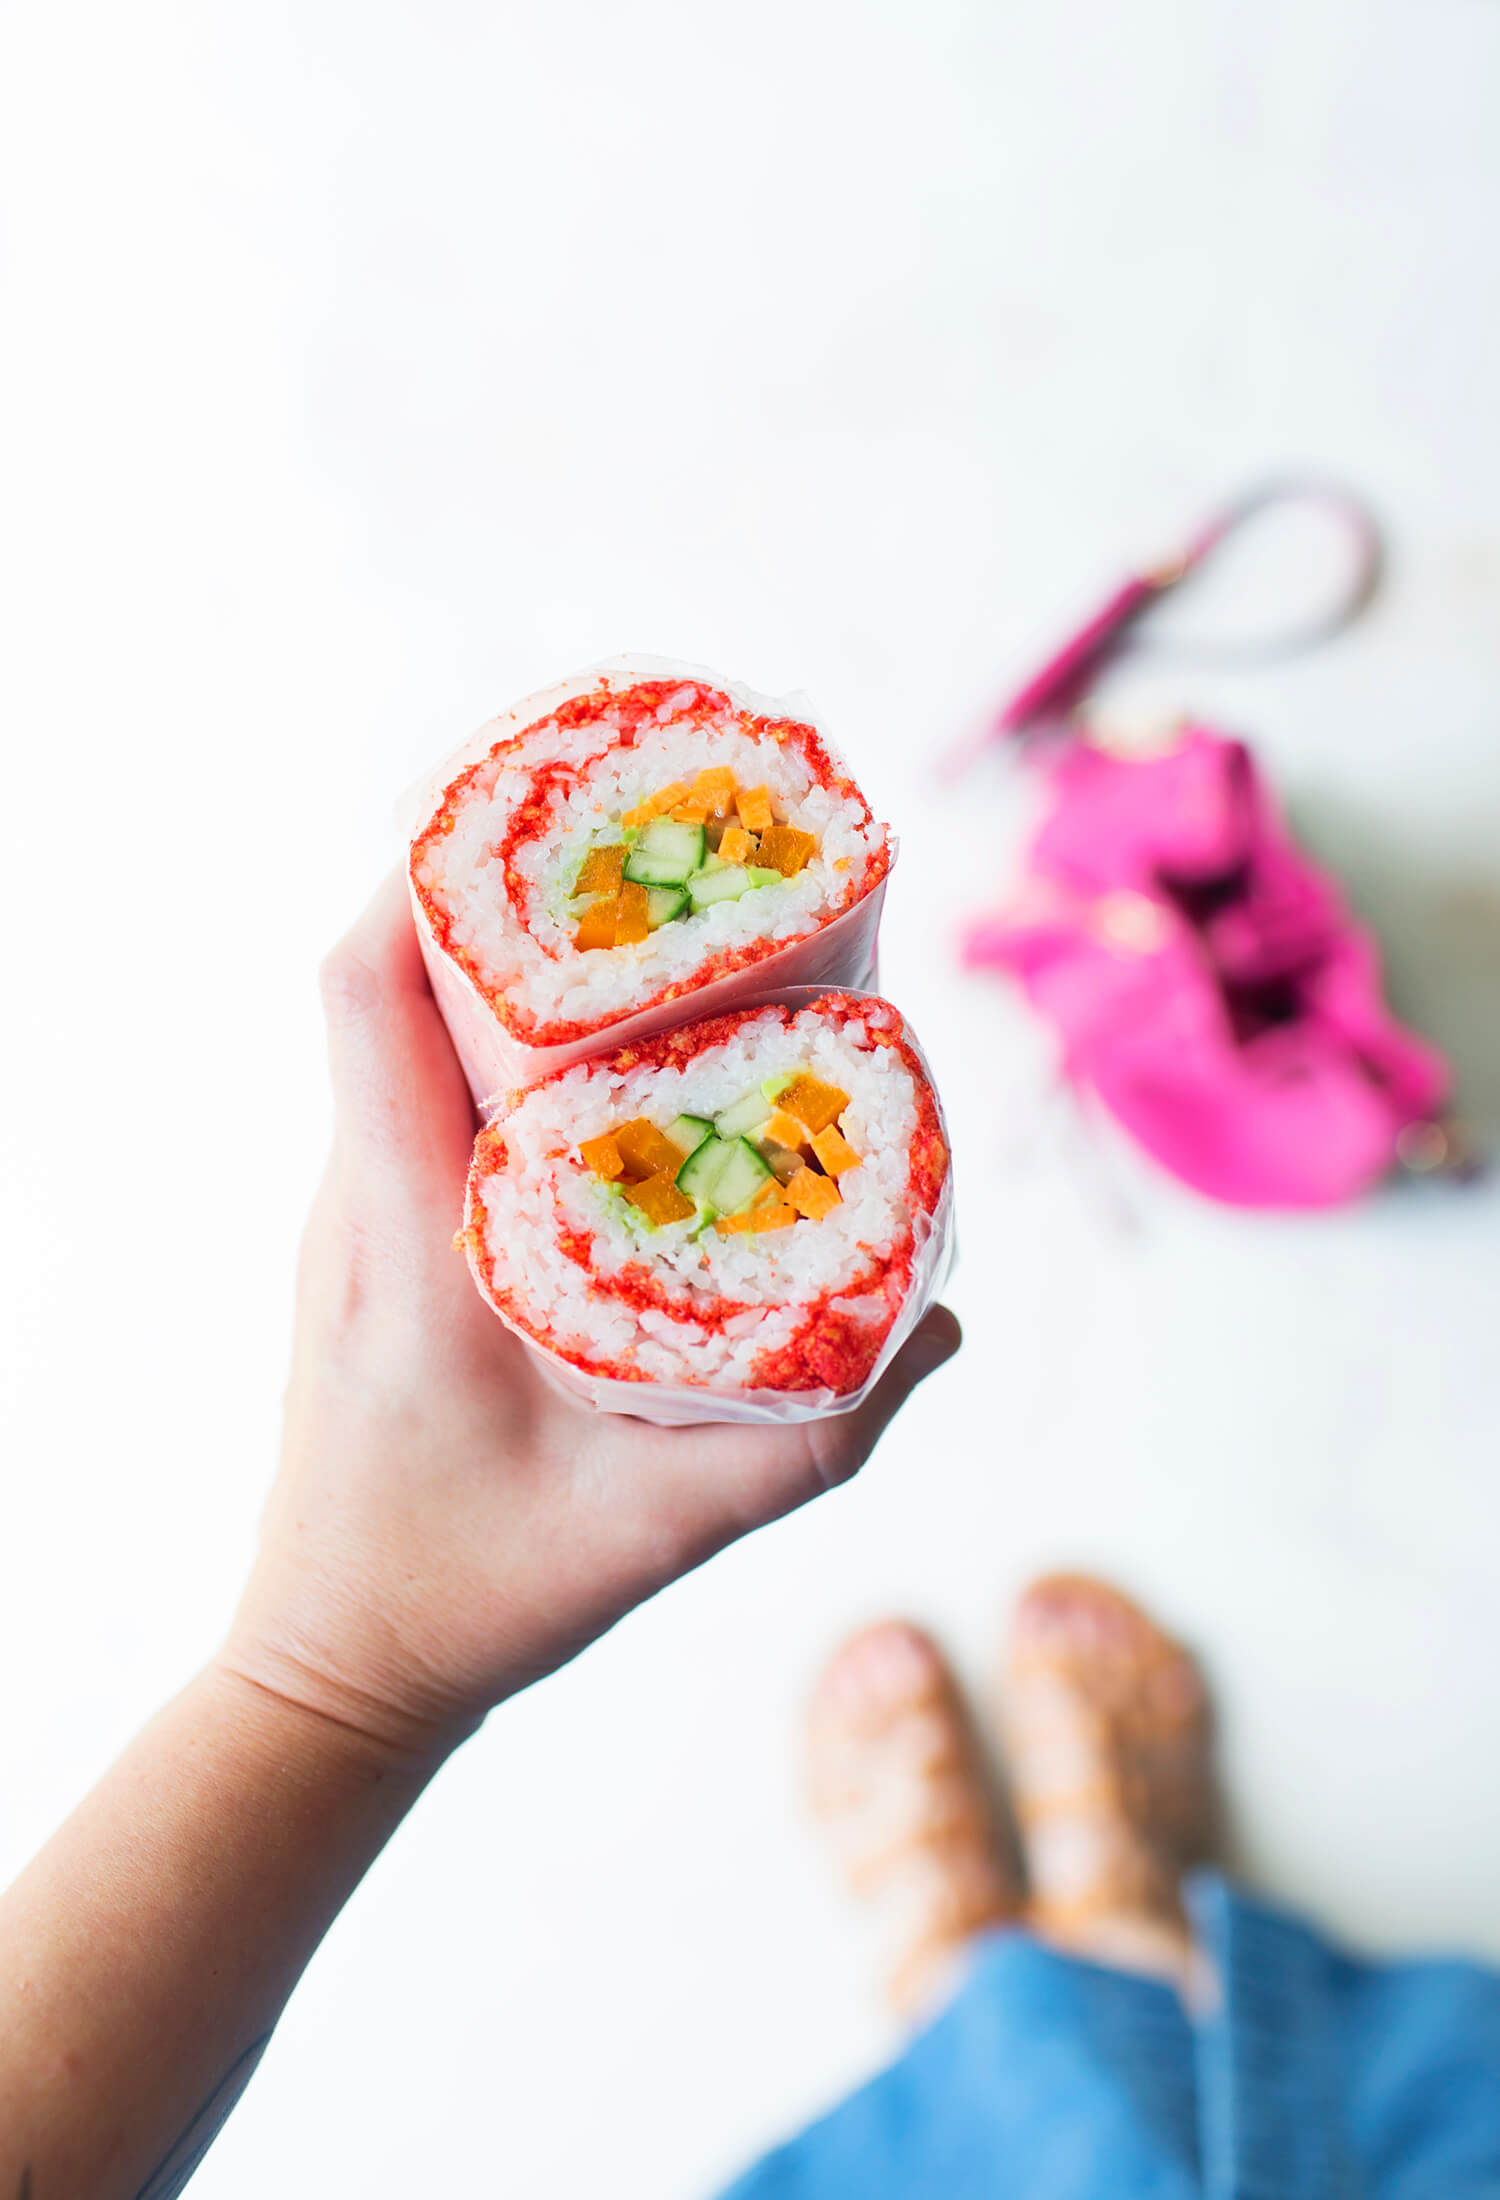 How to make a sushi burrito